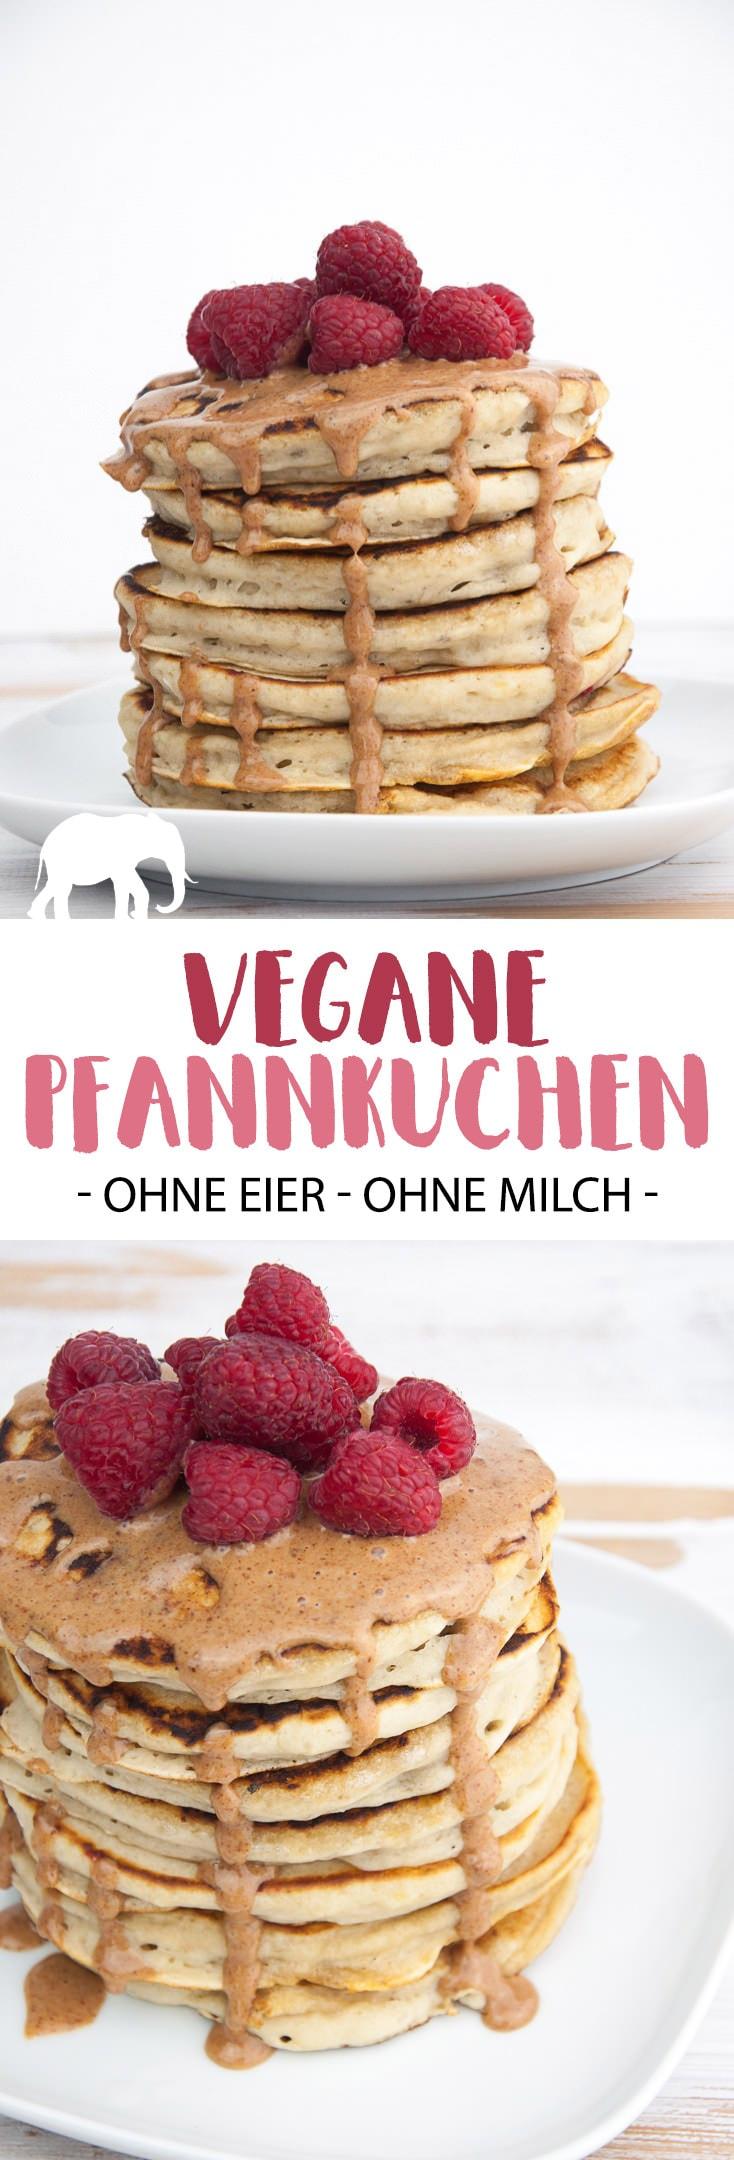 Fluffige vegane Pfannkuchen - ohne Eier - ohne Milch! Super einfach & schnell gemacht und so lecker! Es ist das perfekte Rezept fürs Wochenend-Frühstück! | ElephantasticVegan.de #pfannkuchen #frühstück #vegan